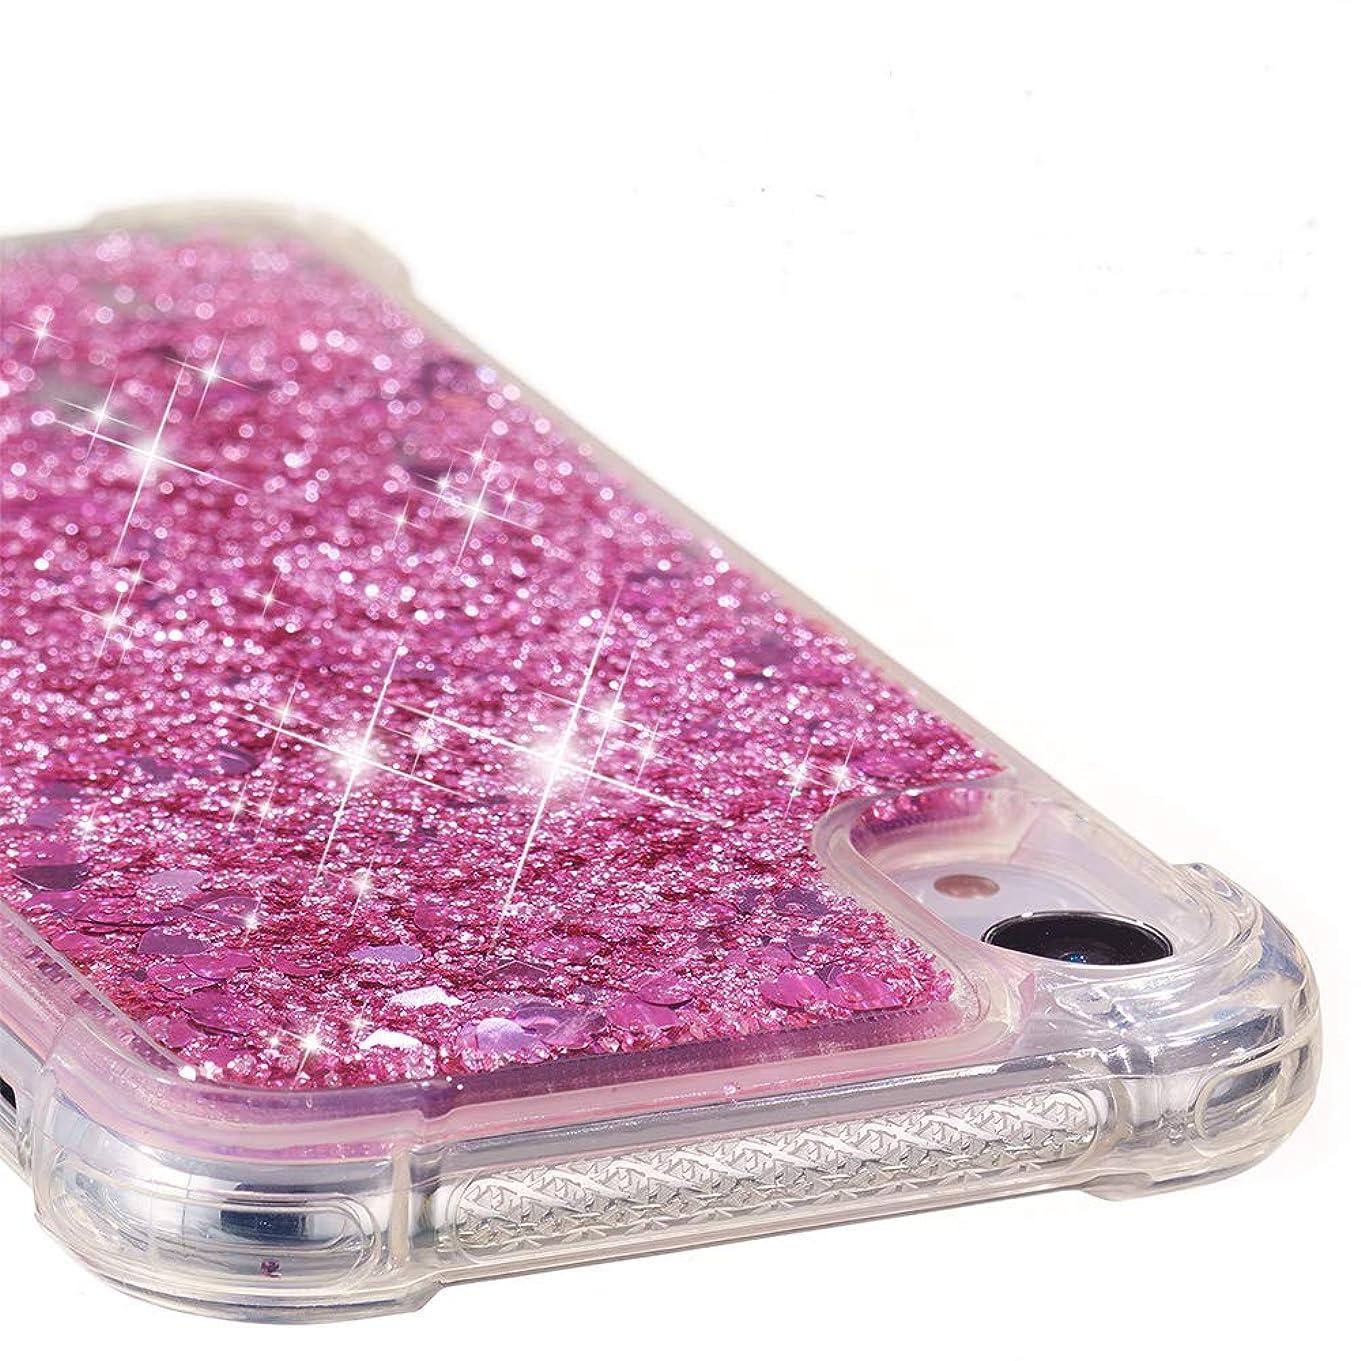 再編成するヒューム百万Camiter iPhone Xr ケース 6.1インチ tpu アイフォンXr カバー 個性 スリム メッキ加工 ソフト TPU シリコン ケース ブリンブリン 流砂 グリッター シャイニング 可愛い 人気タイプ オシャレ 衝撃吸収 -RoseGold